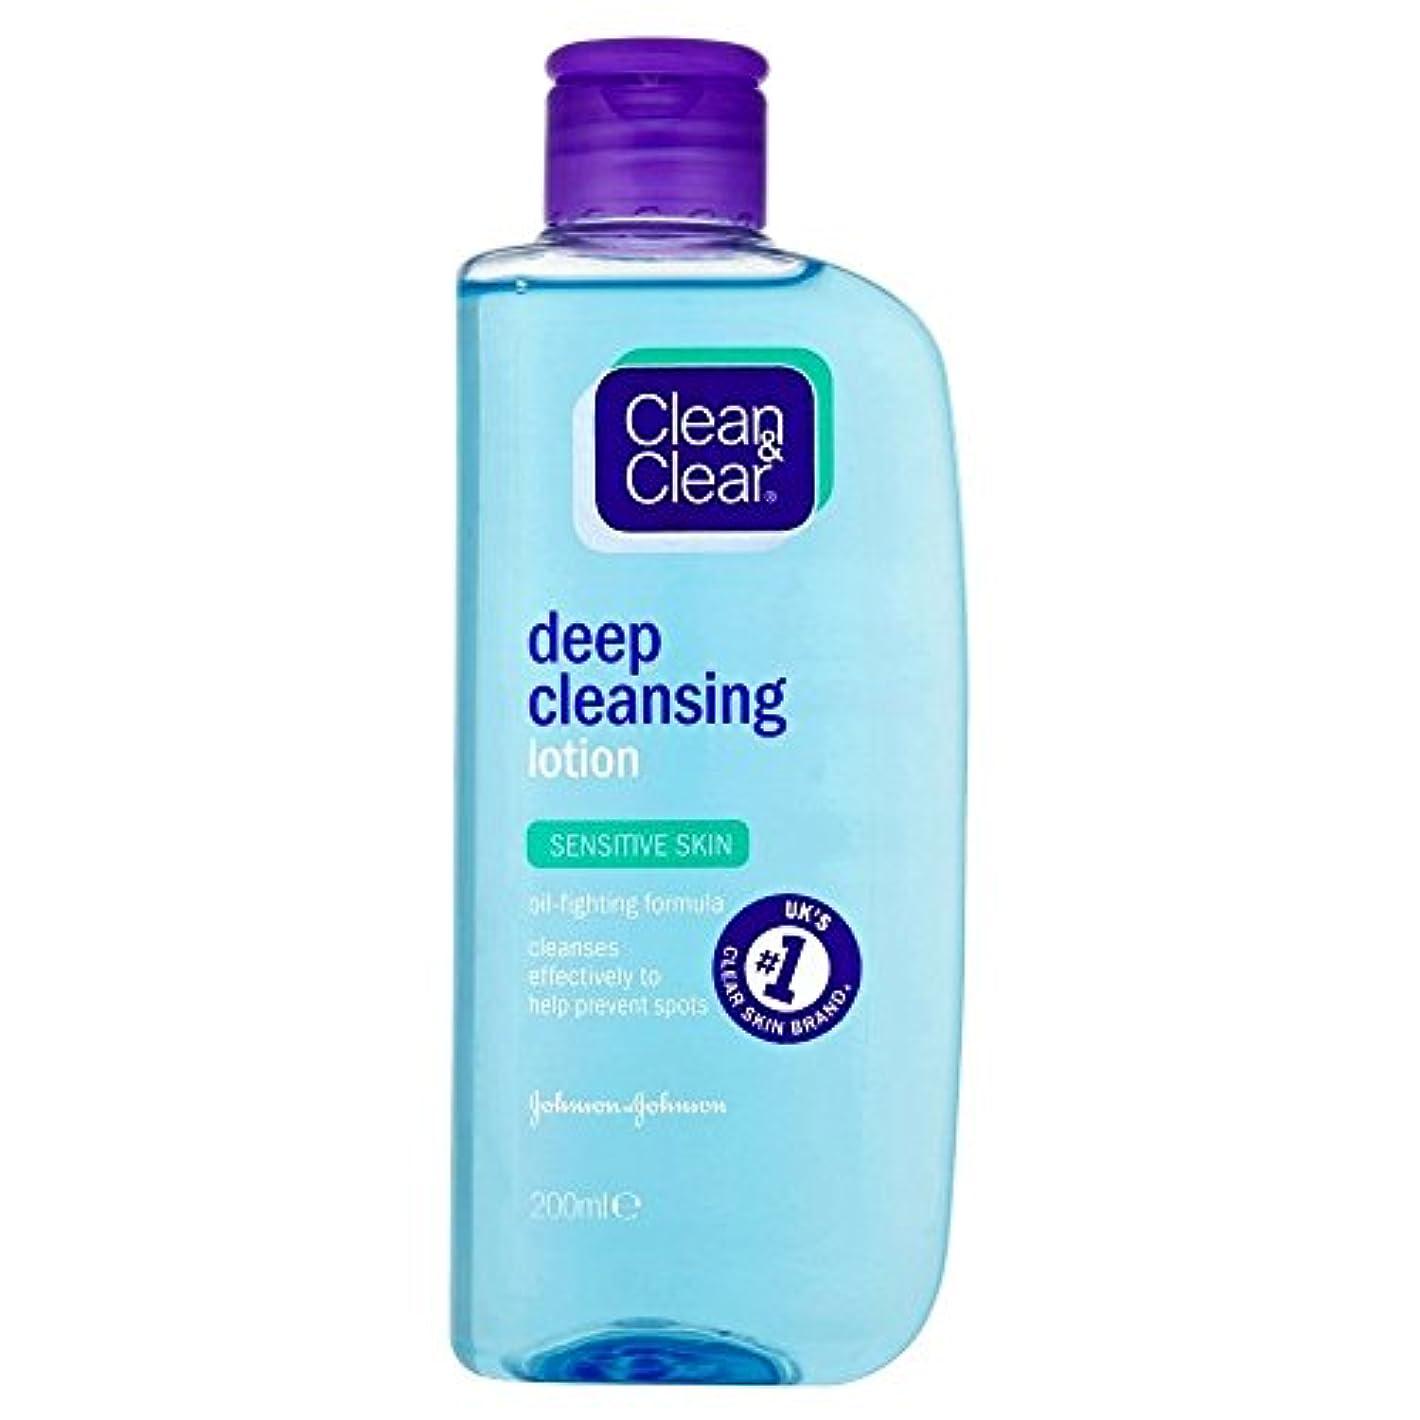 名門おっと不器用Clean & Clear Deep Cleansing Lotion - Sensitive (200ml) クリーンで明確なディープクレンジングローション - 感受性( 200ミリリットル) [並行輸入品]